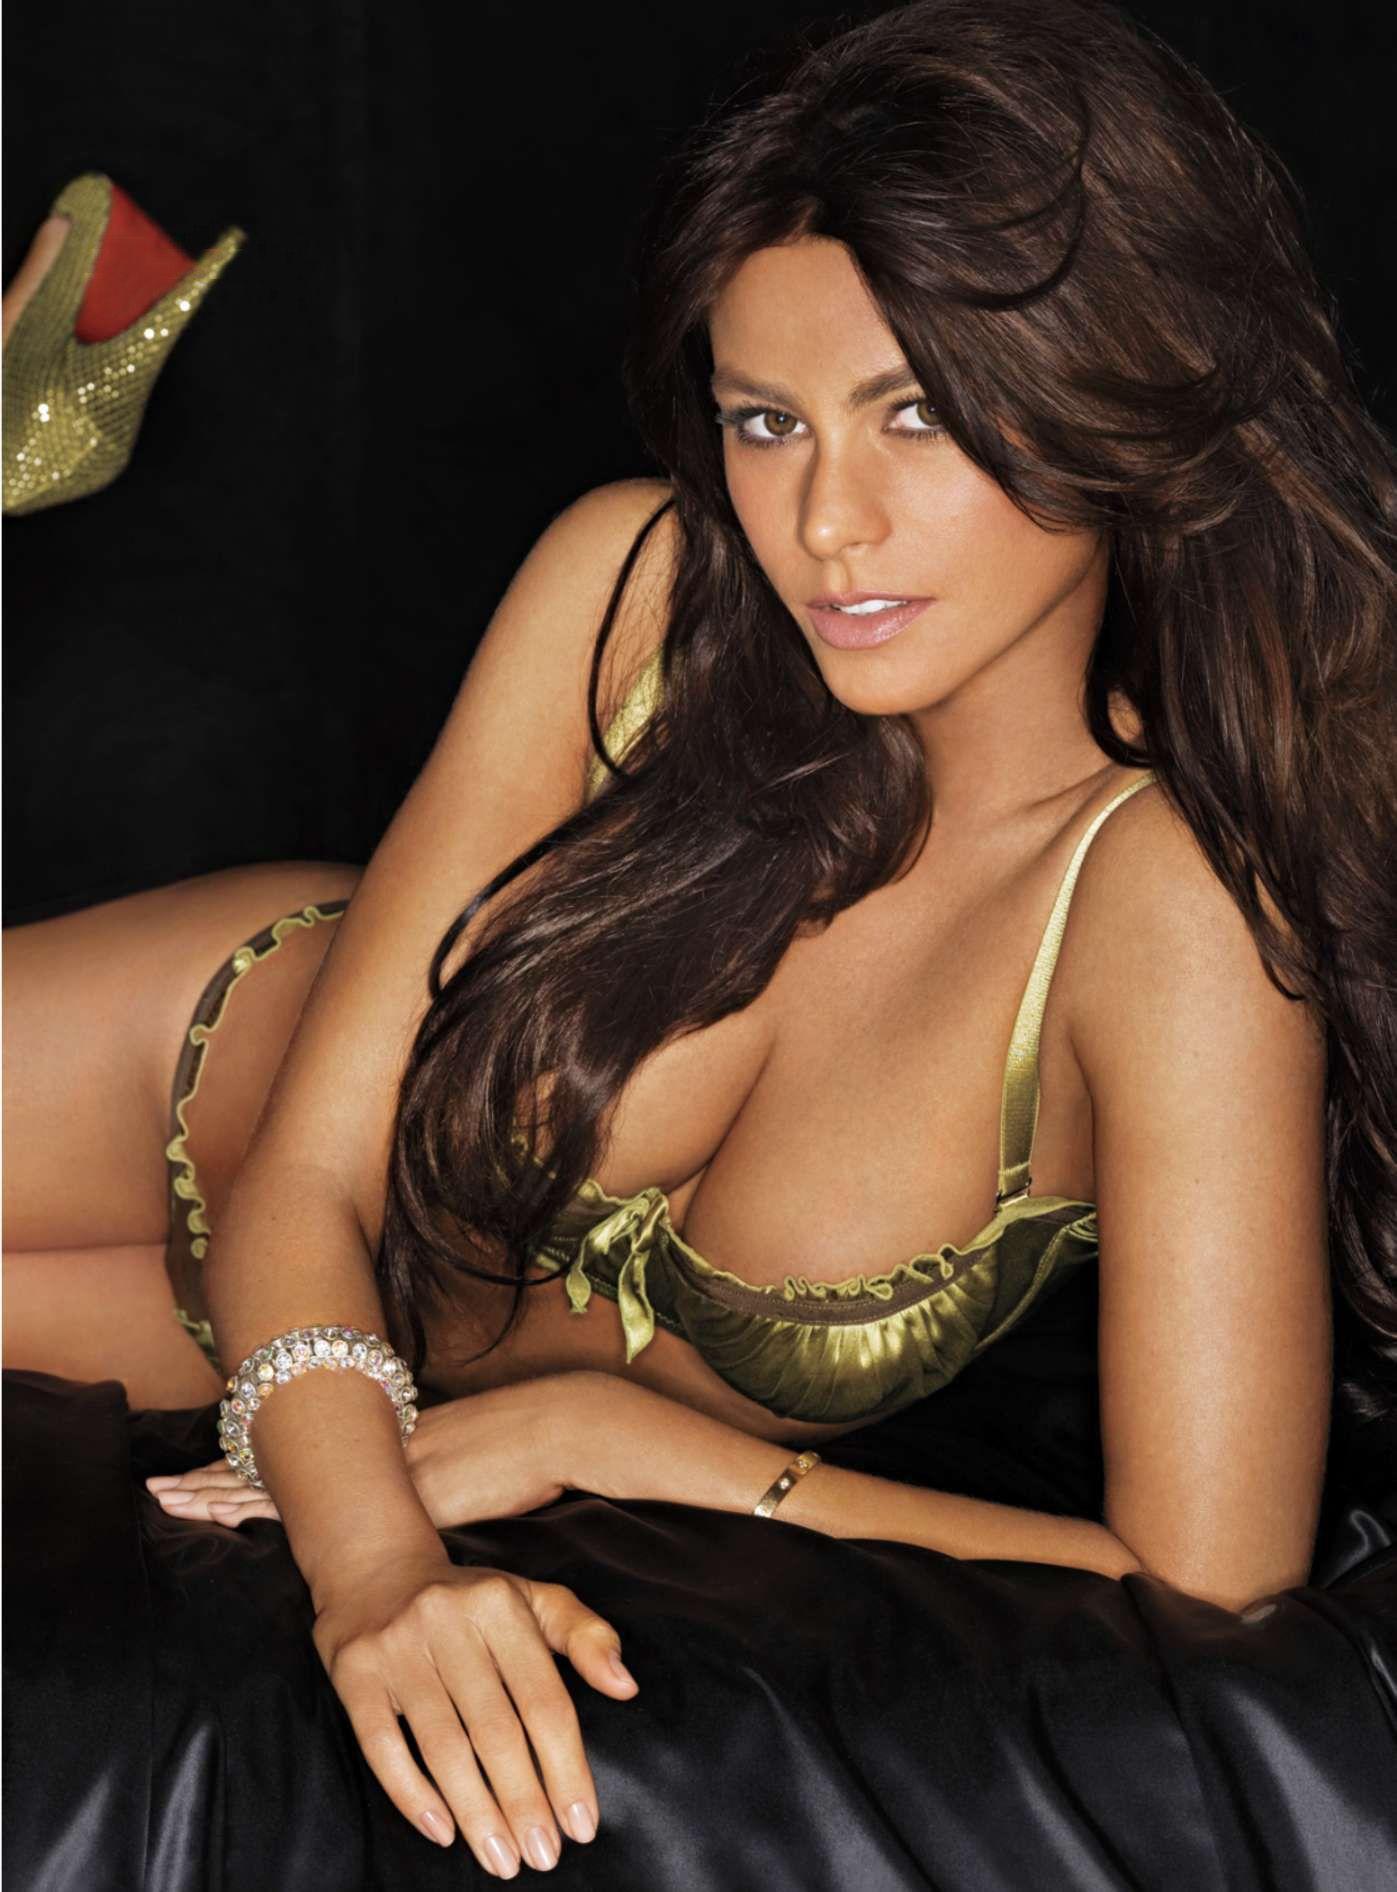 Самая красивая девушка по журналу максим 27 фотография